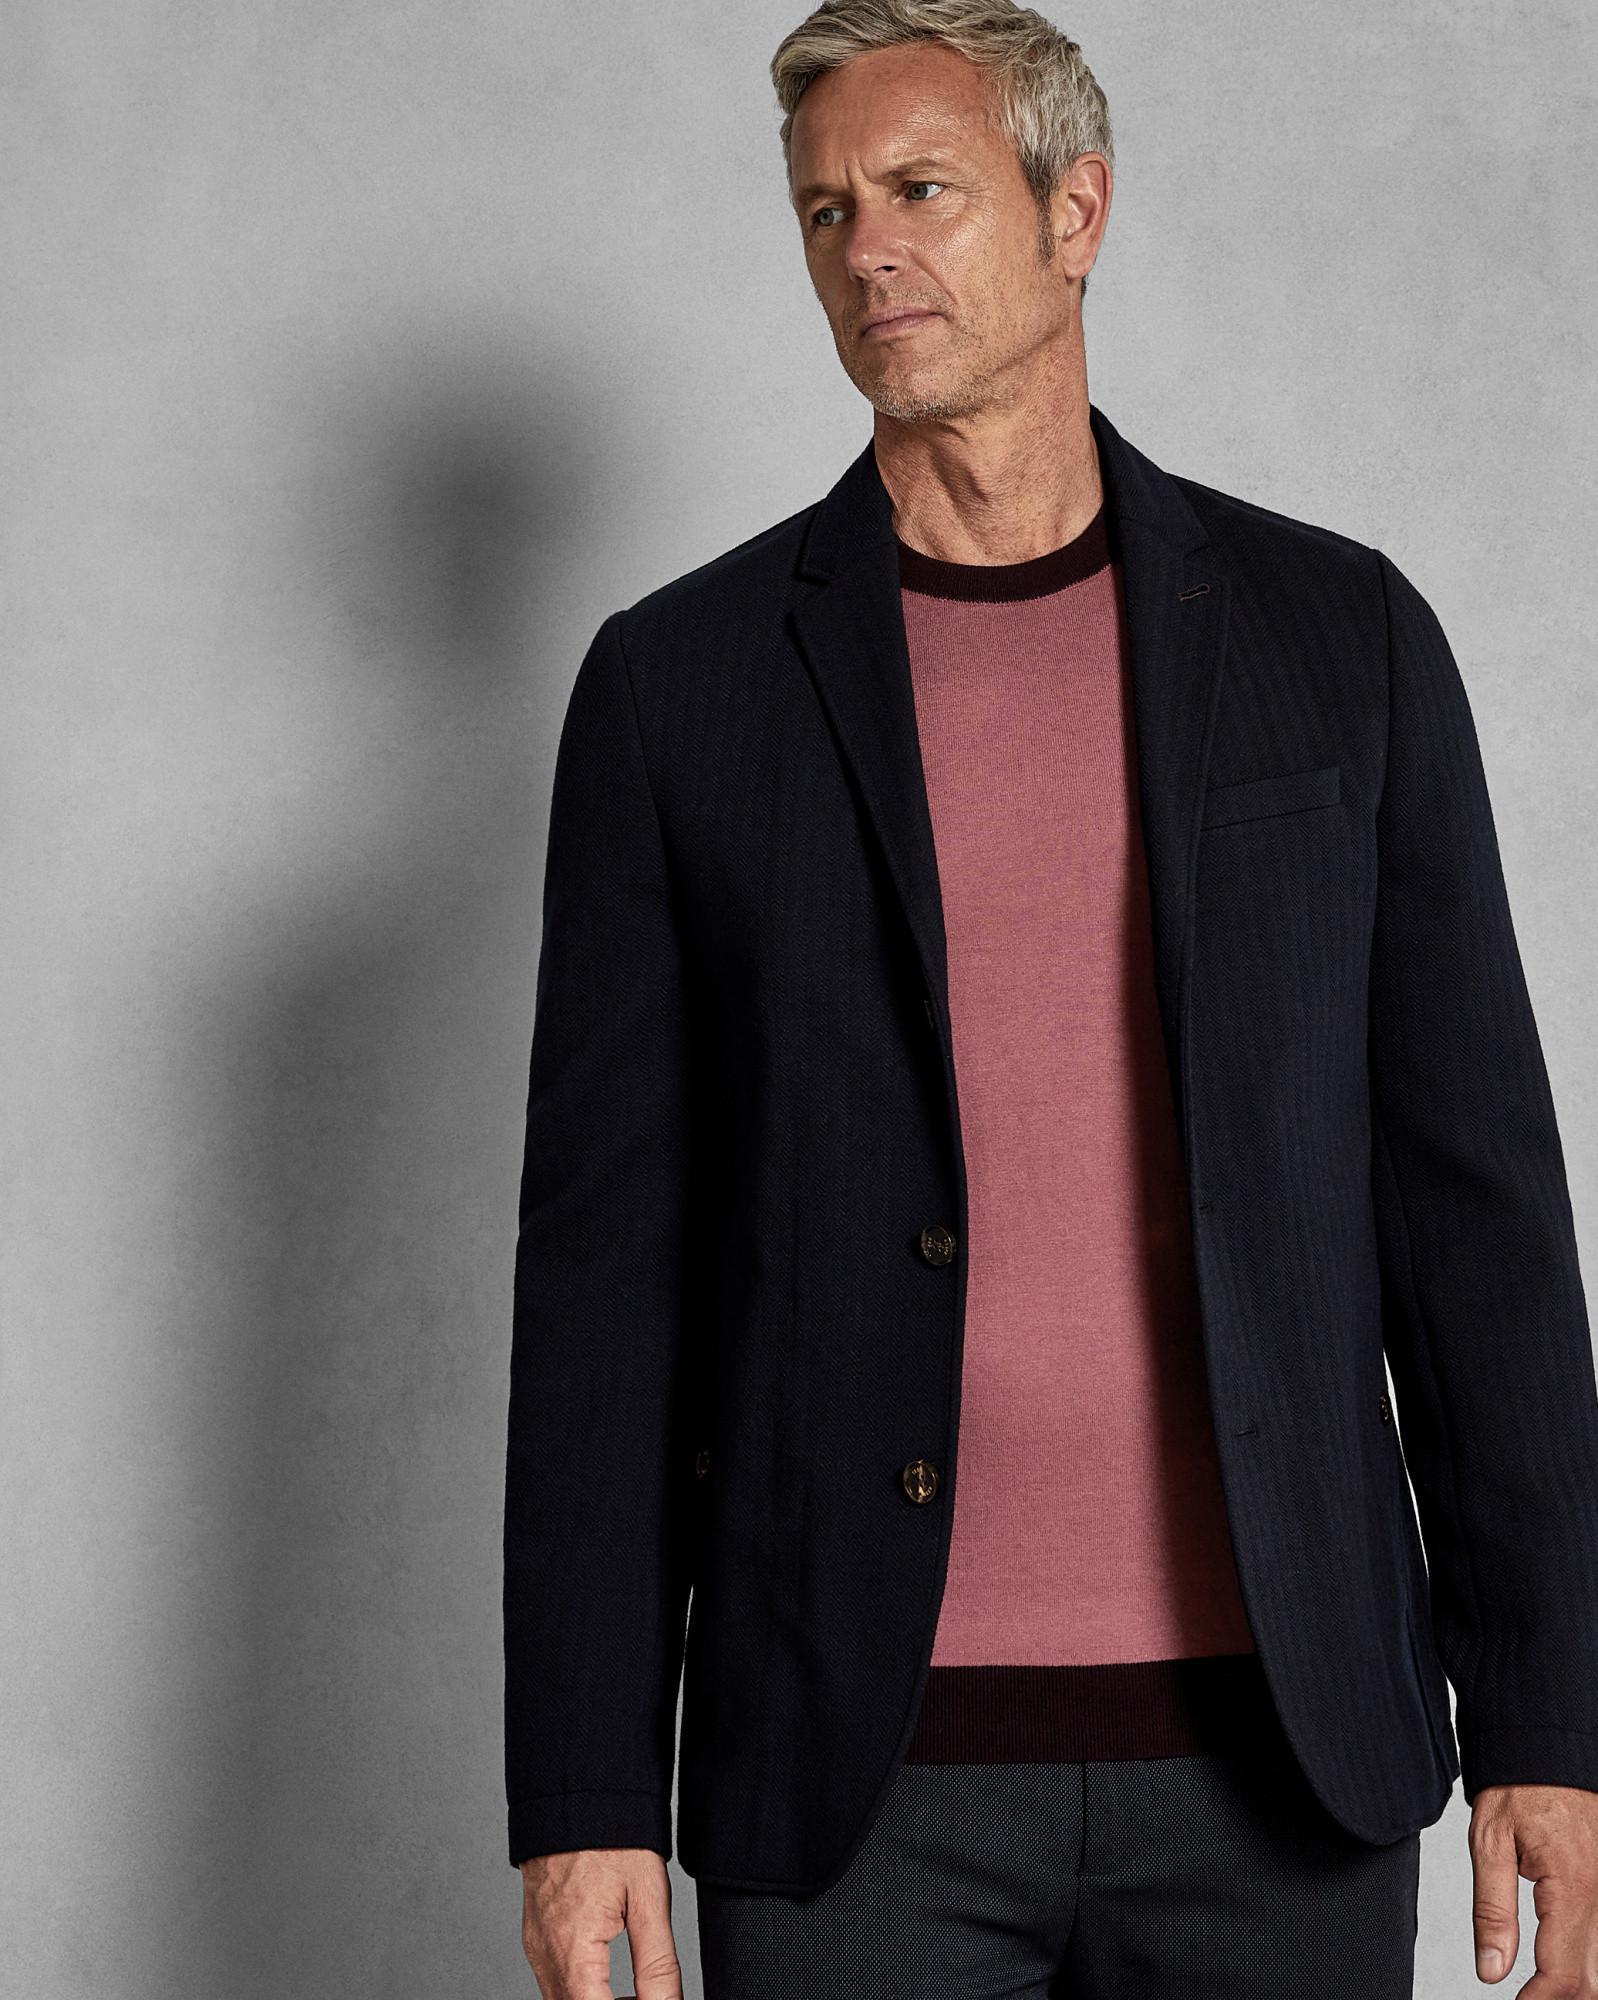 1db000b38 Lyst - Ted Baker 2-in-1 Herringbone Jersey Jacket in Blue for Men